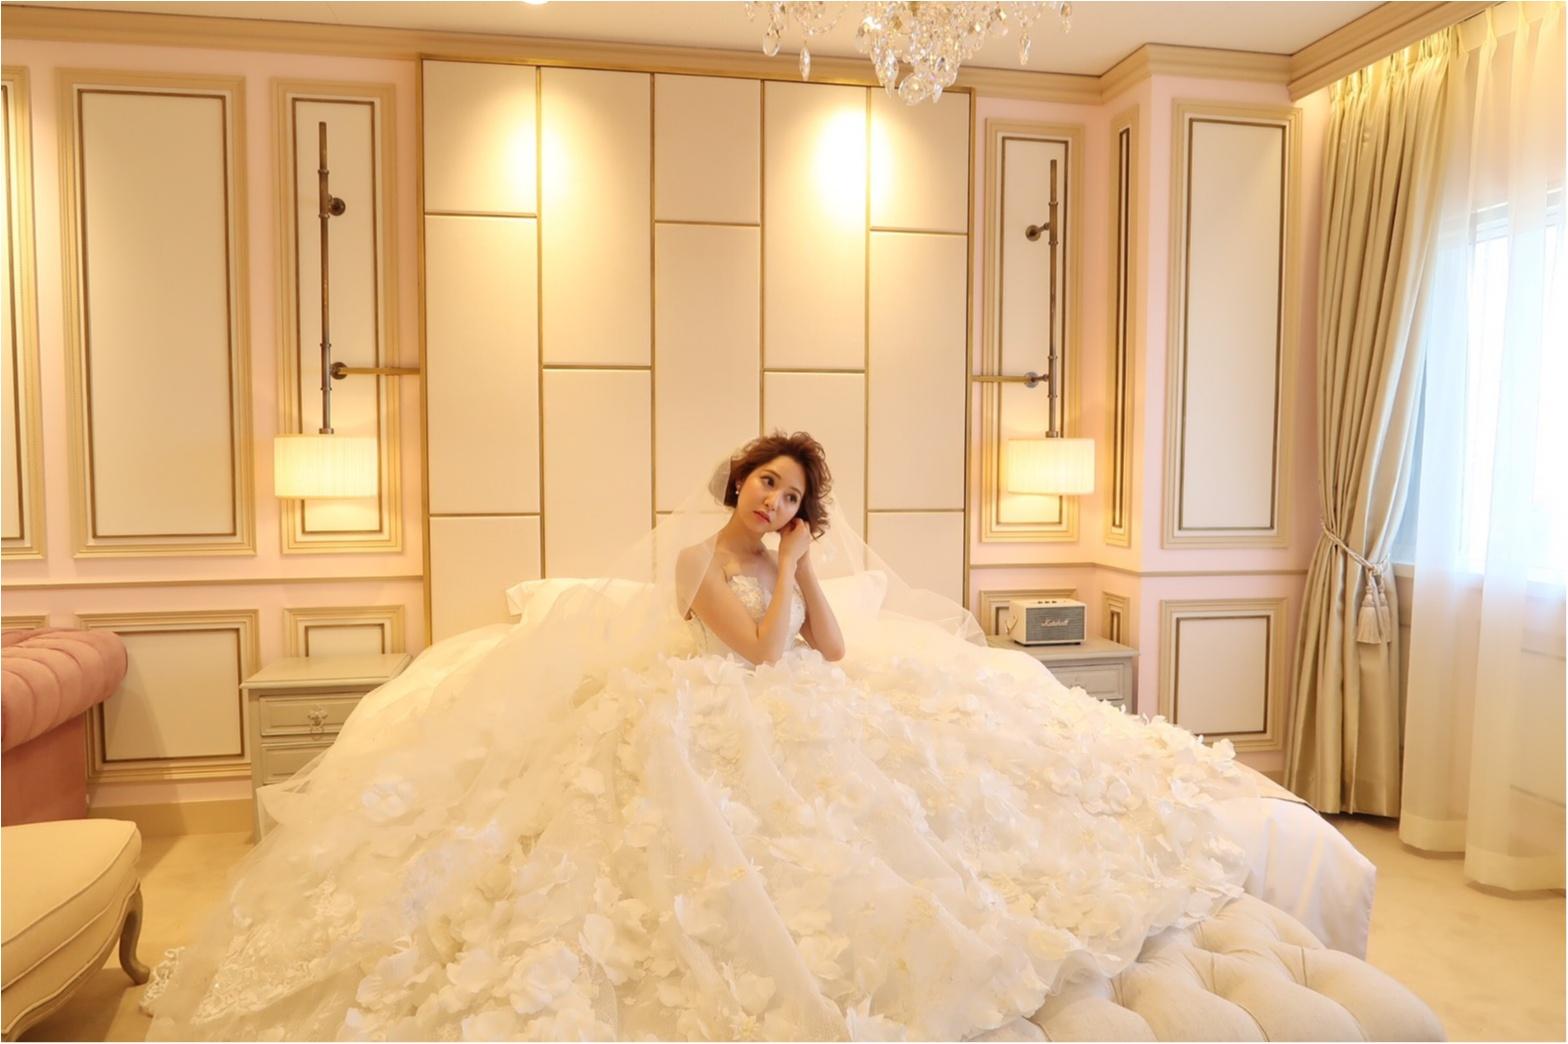 まるでお姫様♡『THE HANY』のウェディングドレスが可愛すぎる!_4